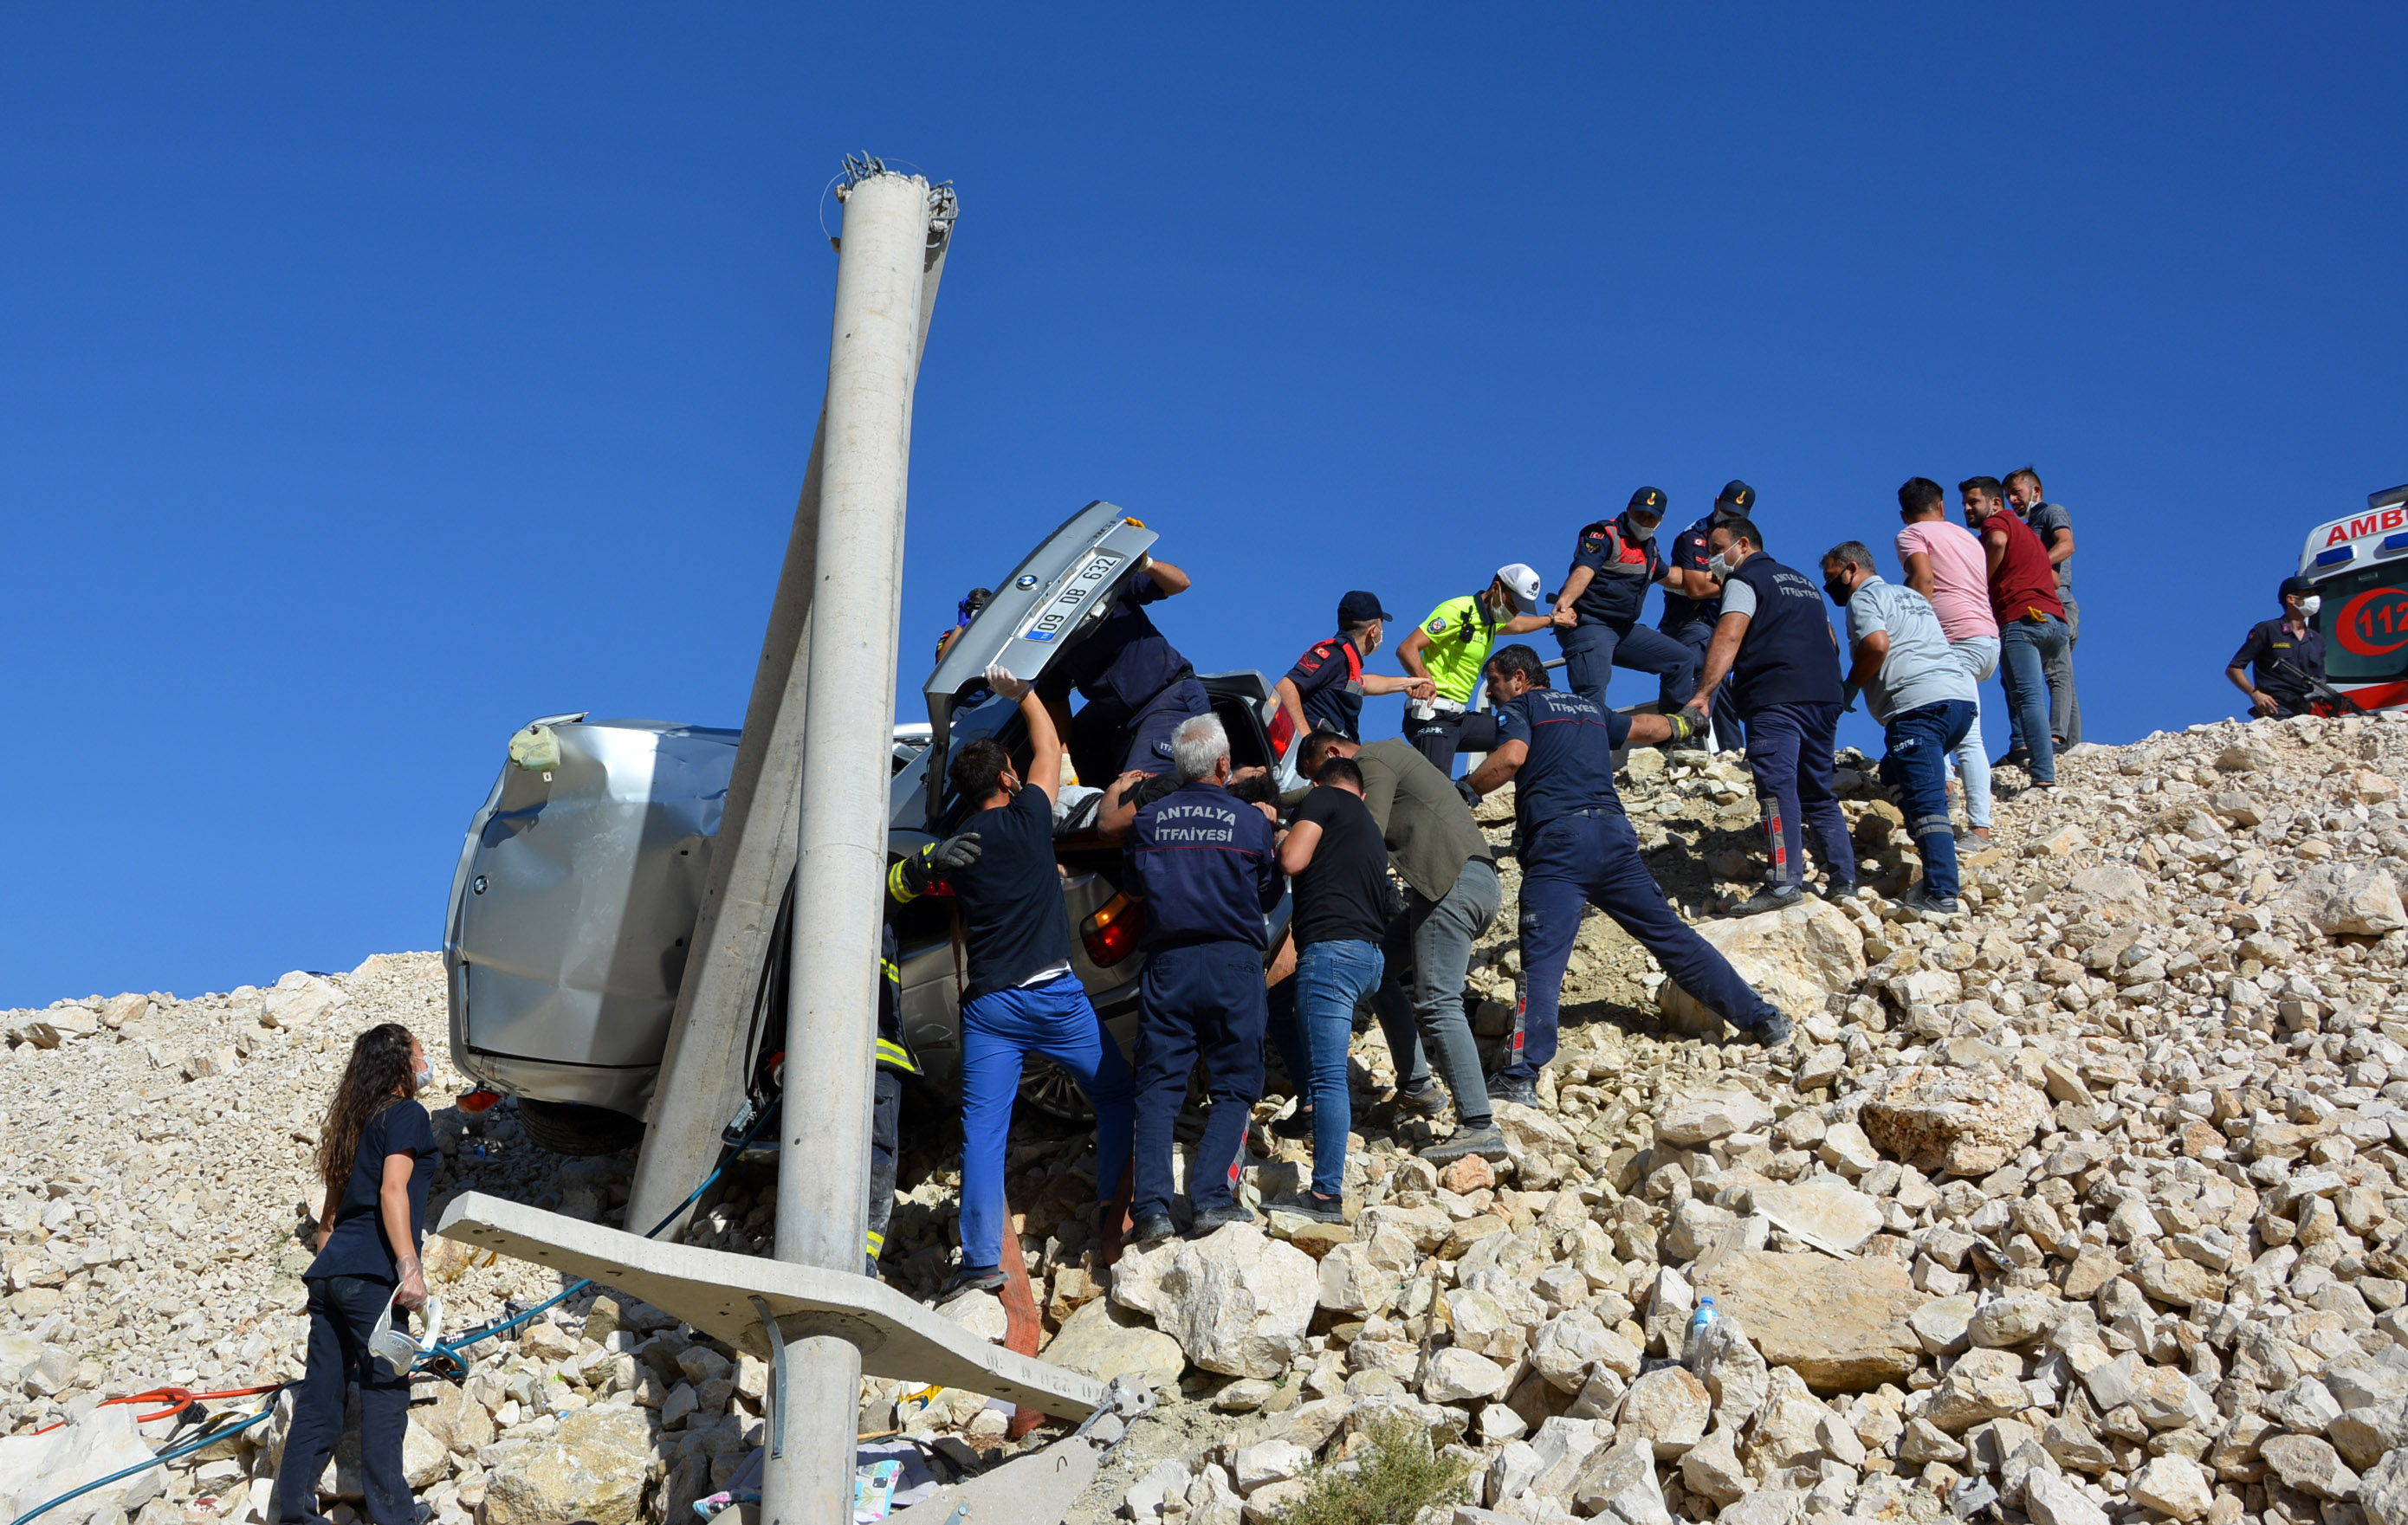 beton-direge-carpan-otomobildeki-kadin-oldu-oglu-ve-esi-yaralandi-8984-dhaphoto5.jpg